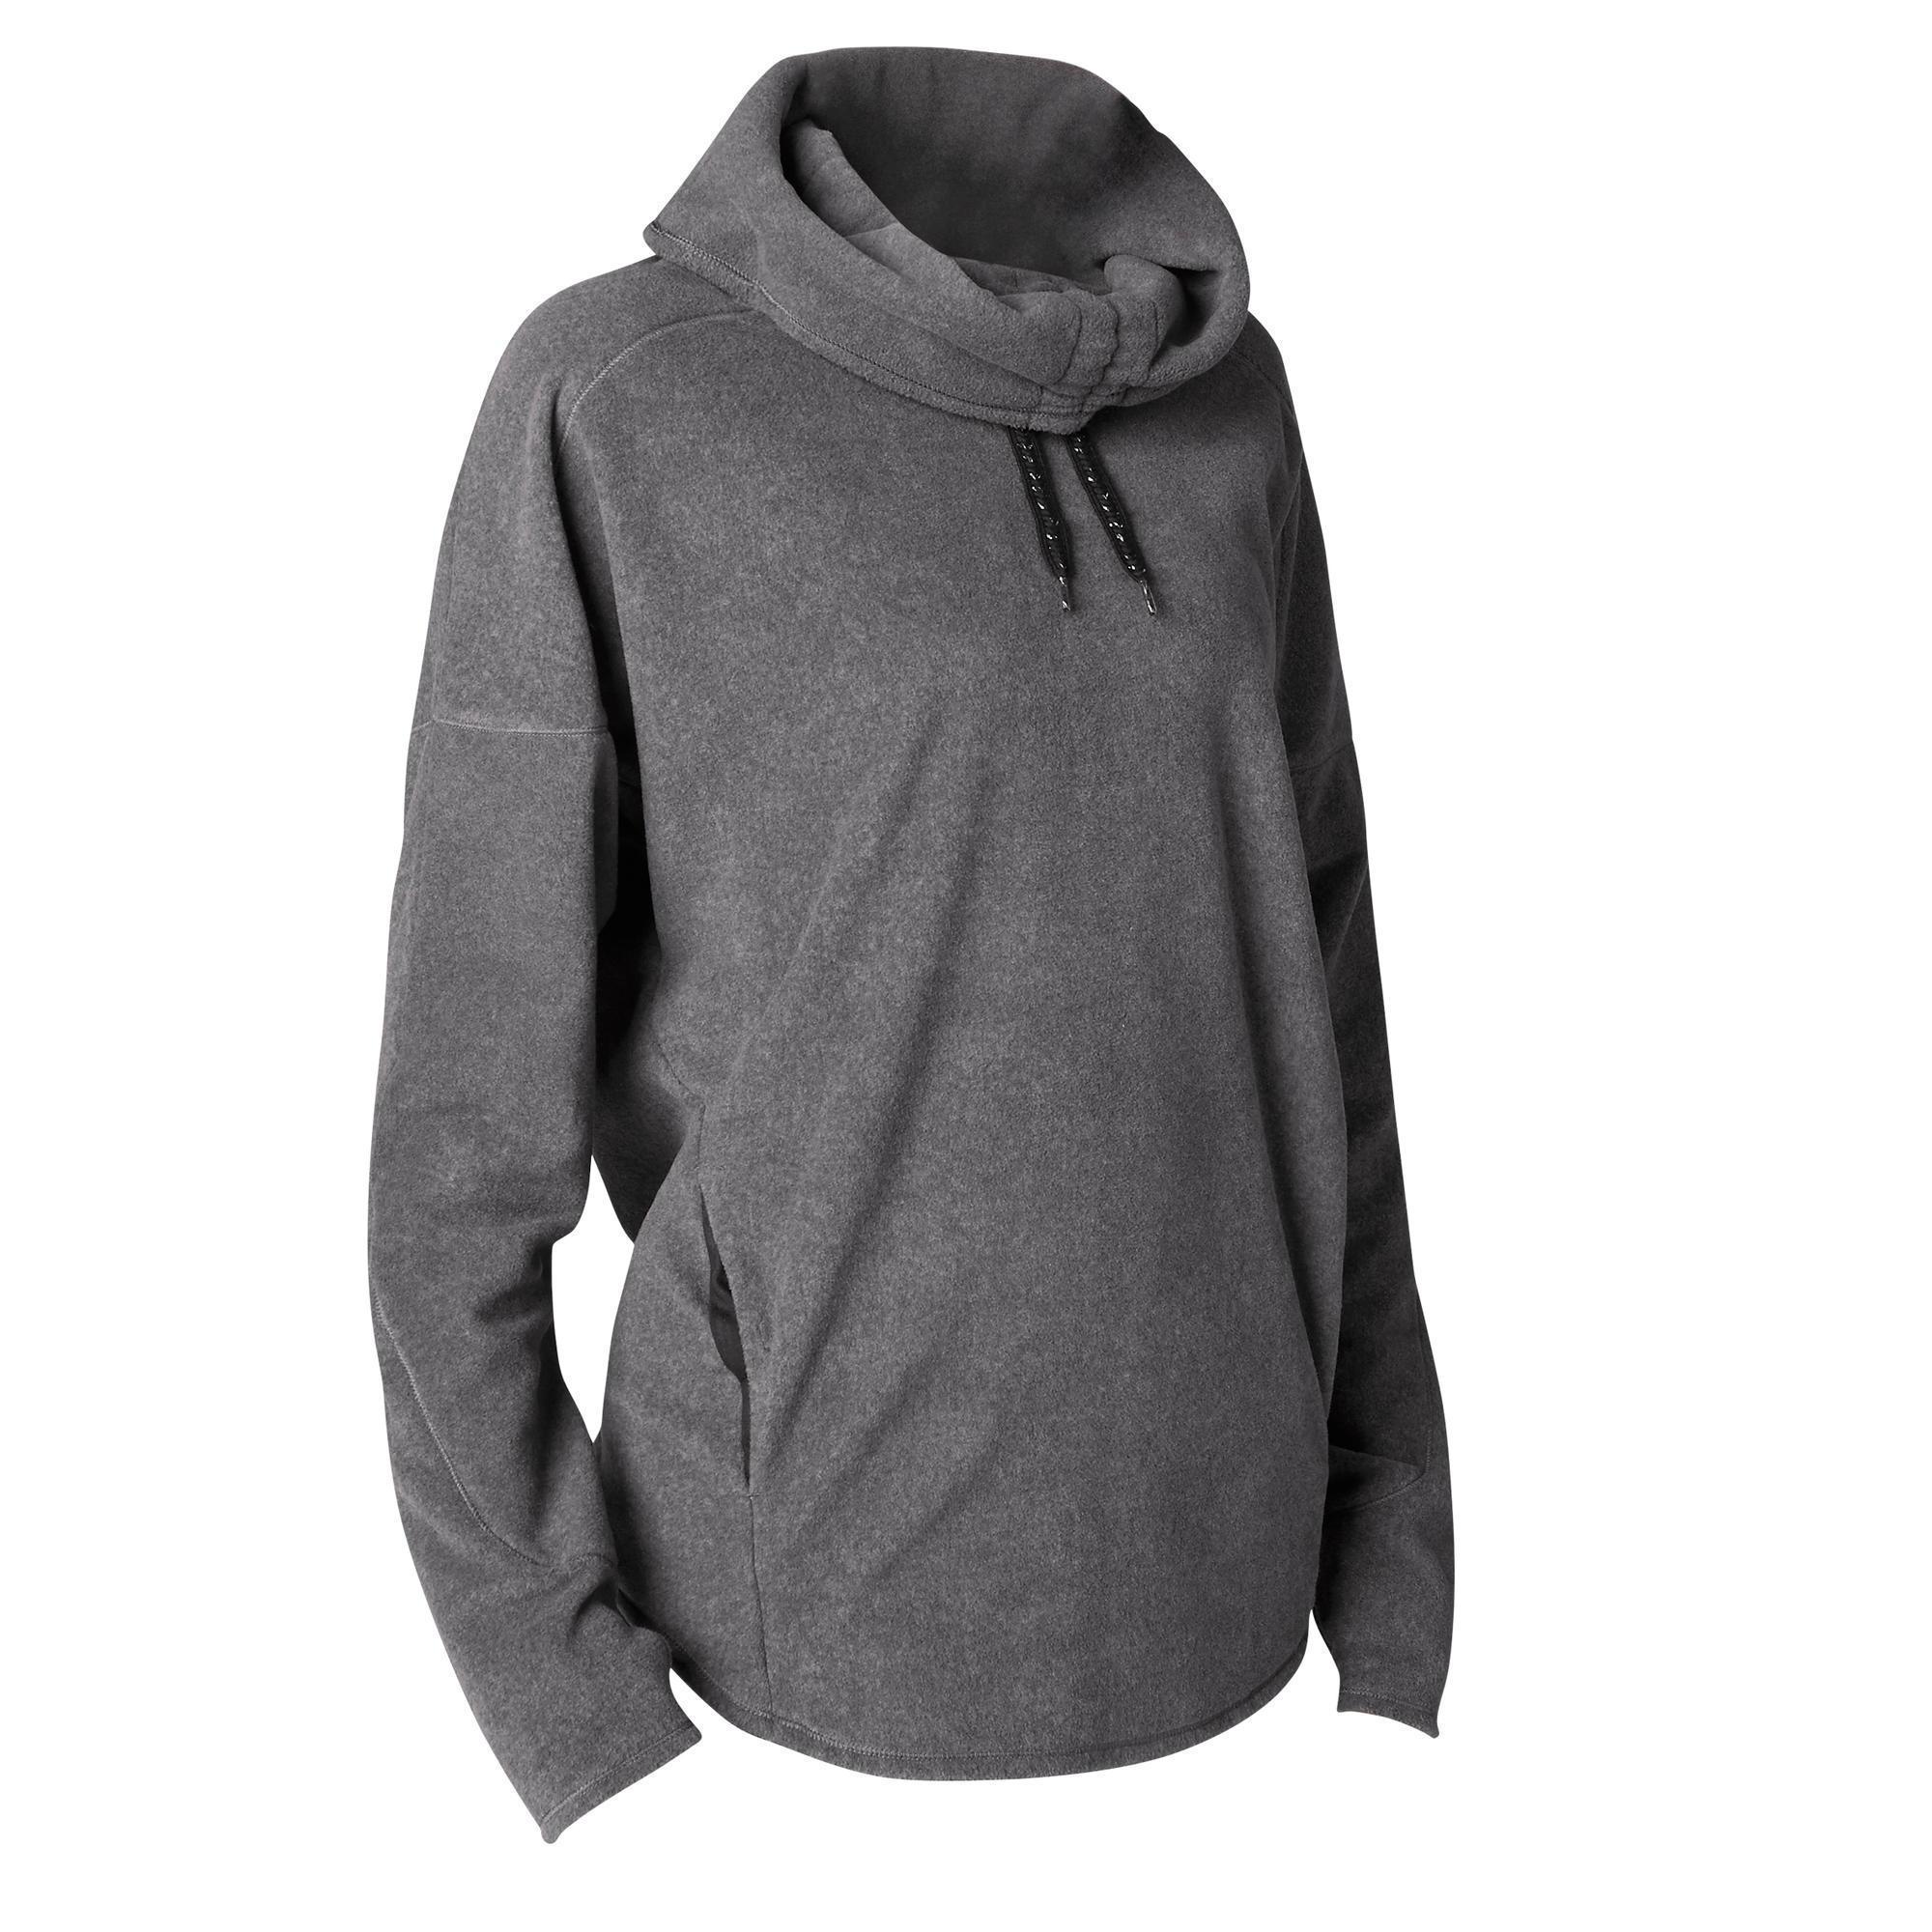 Domyos Damessweater voor relaxatie bij yoga gemêleerd kopen